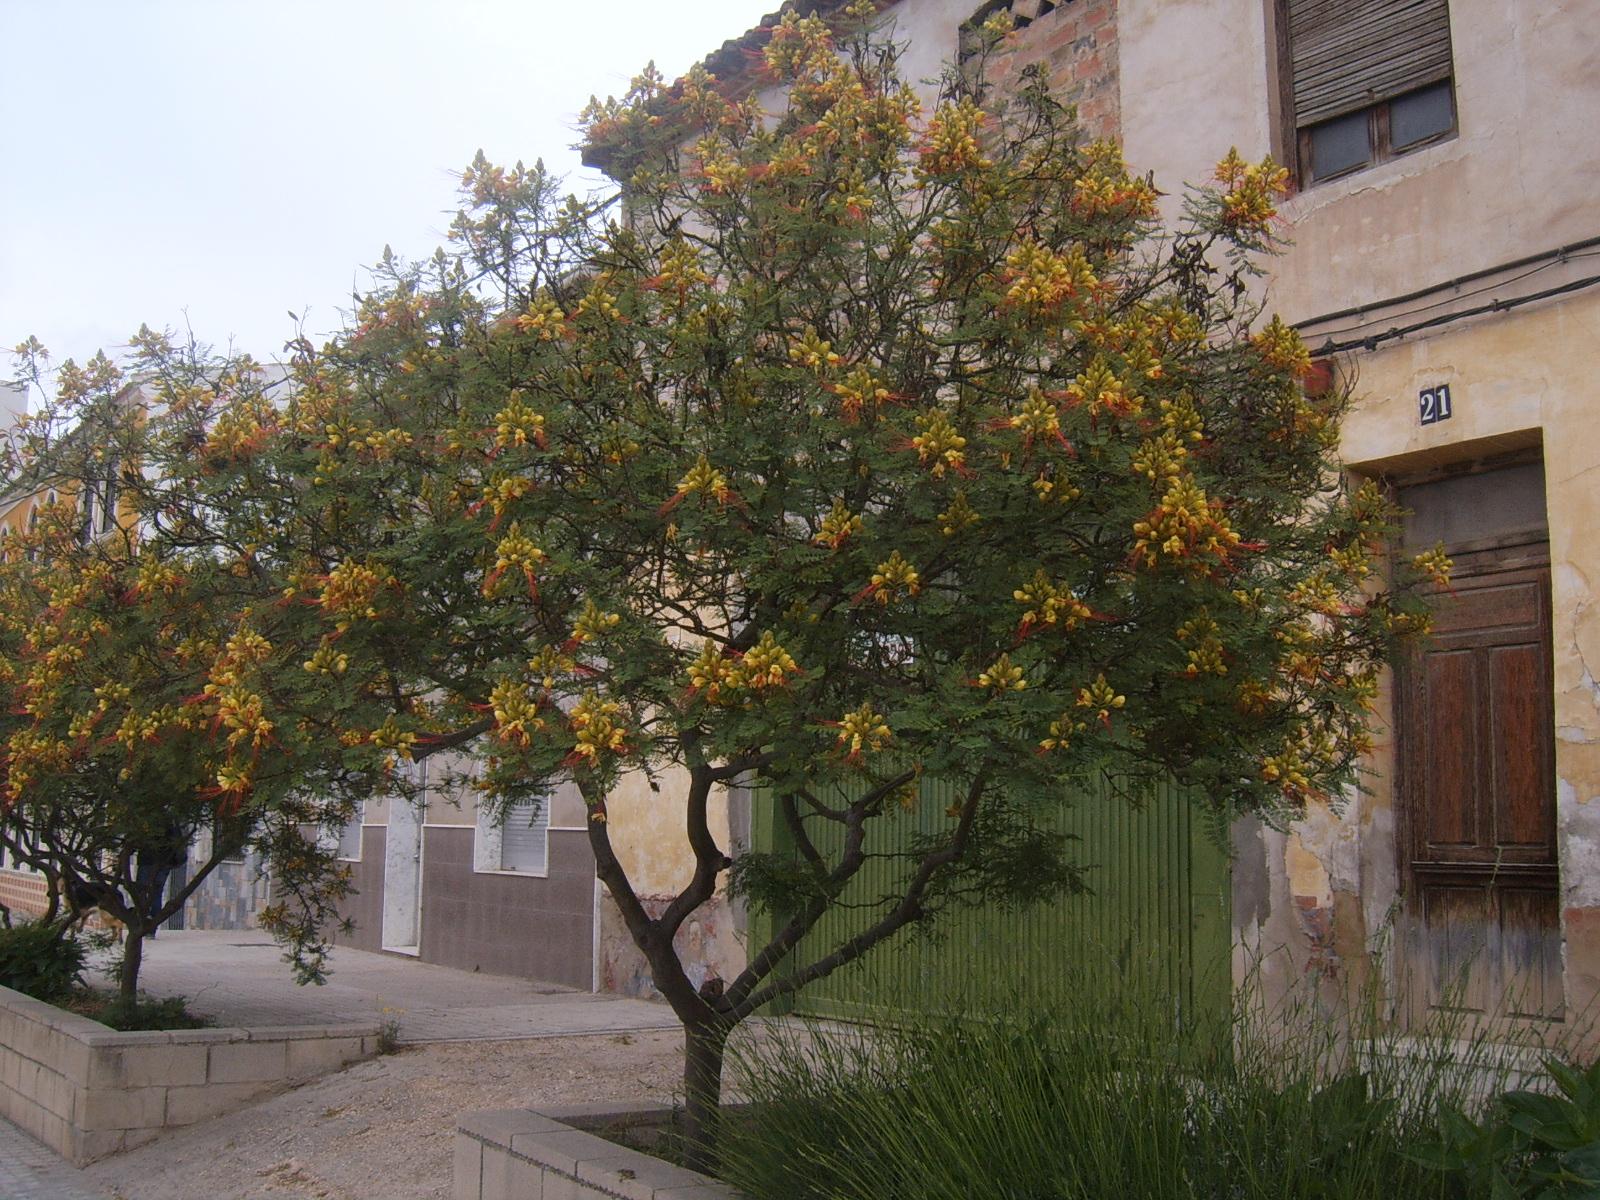 POINCIANA. CAESALPINIA.Caesalpinia gilliesii. 10.jpg